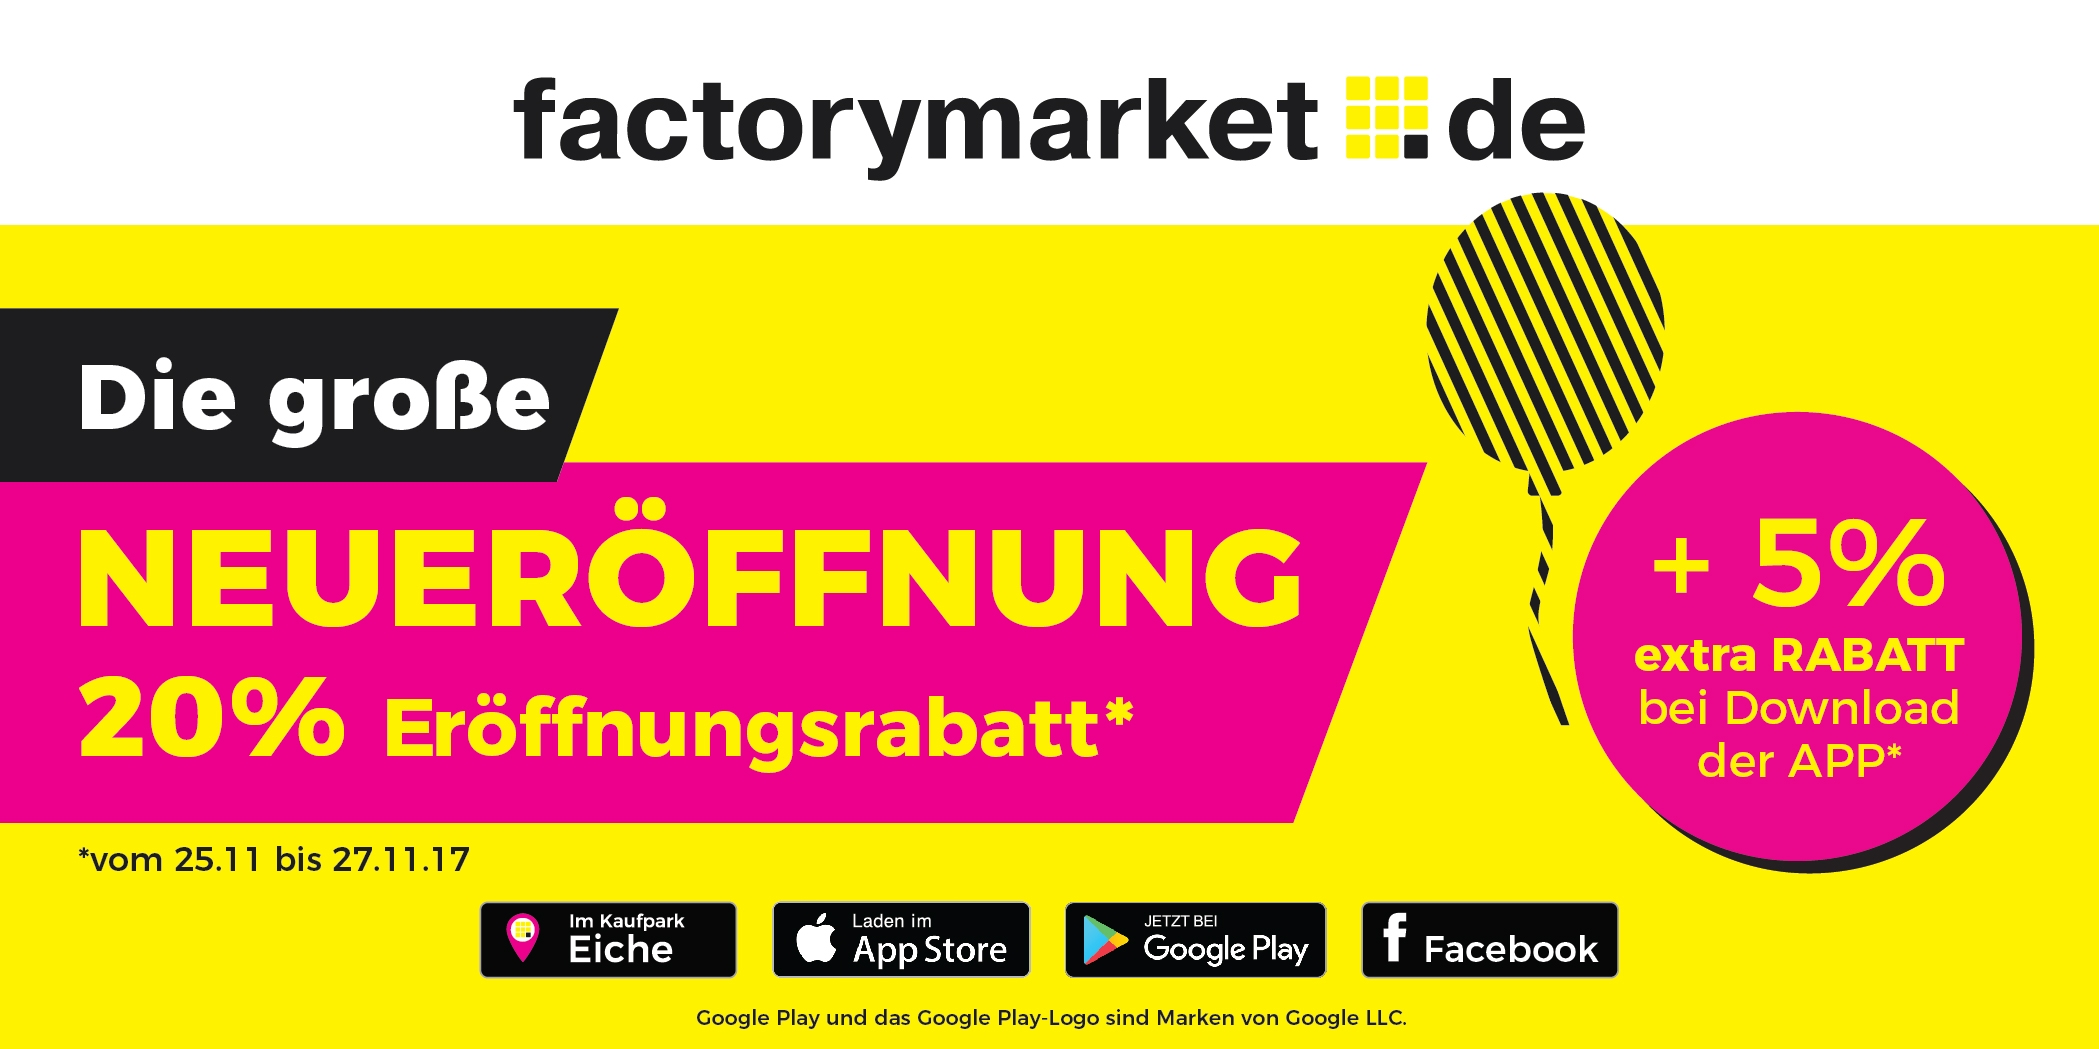 Neueröffnung factorymarket